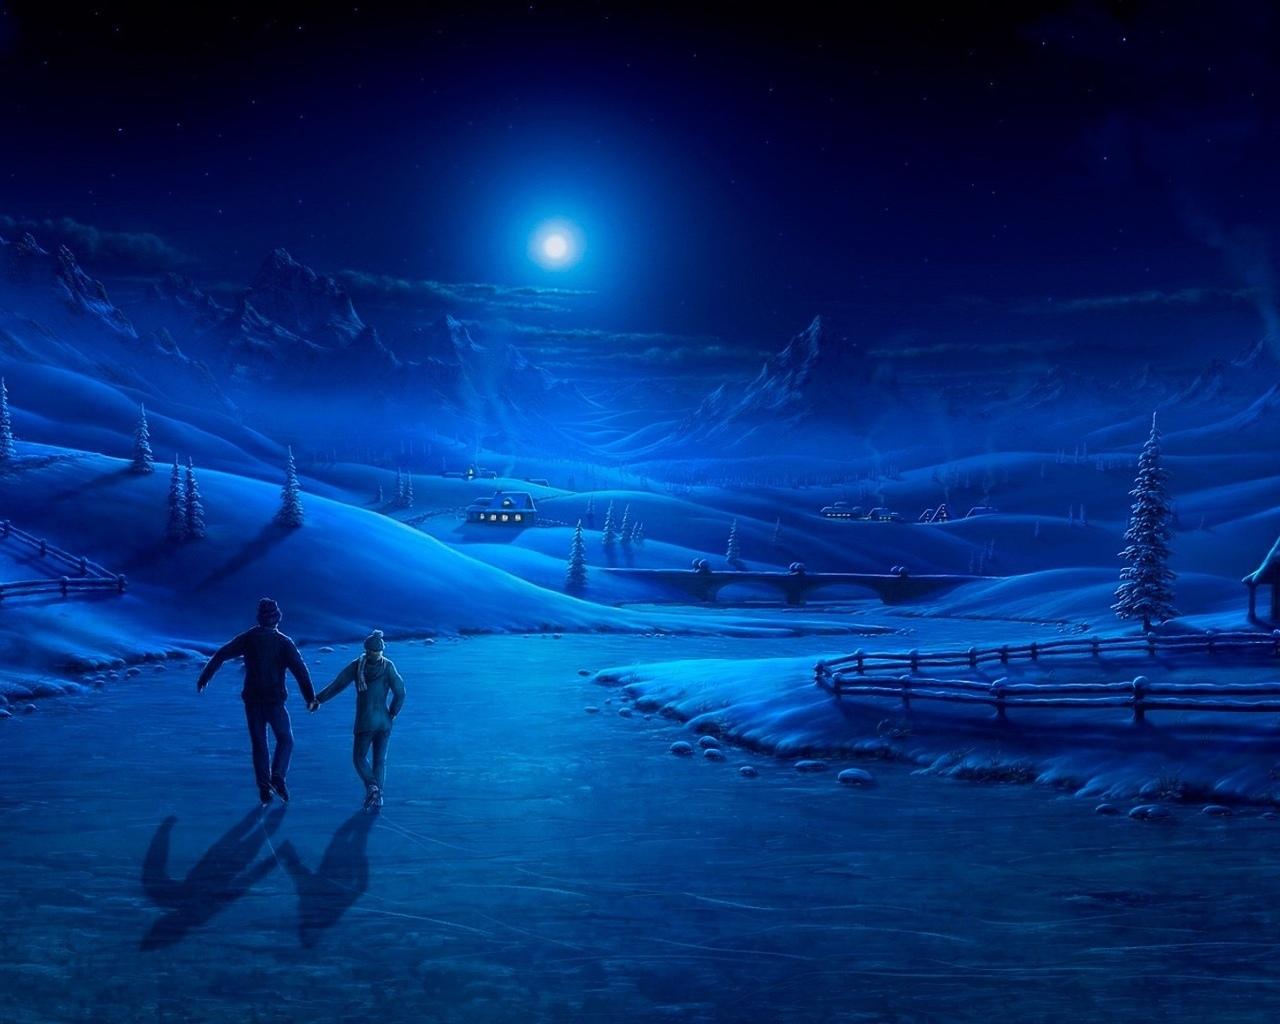 17460 скачать обои Пейзаж, Зима, Ночь, Снег - заставки и картинки бесплатно